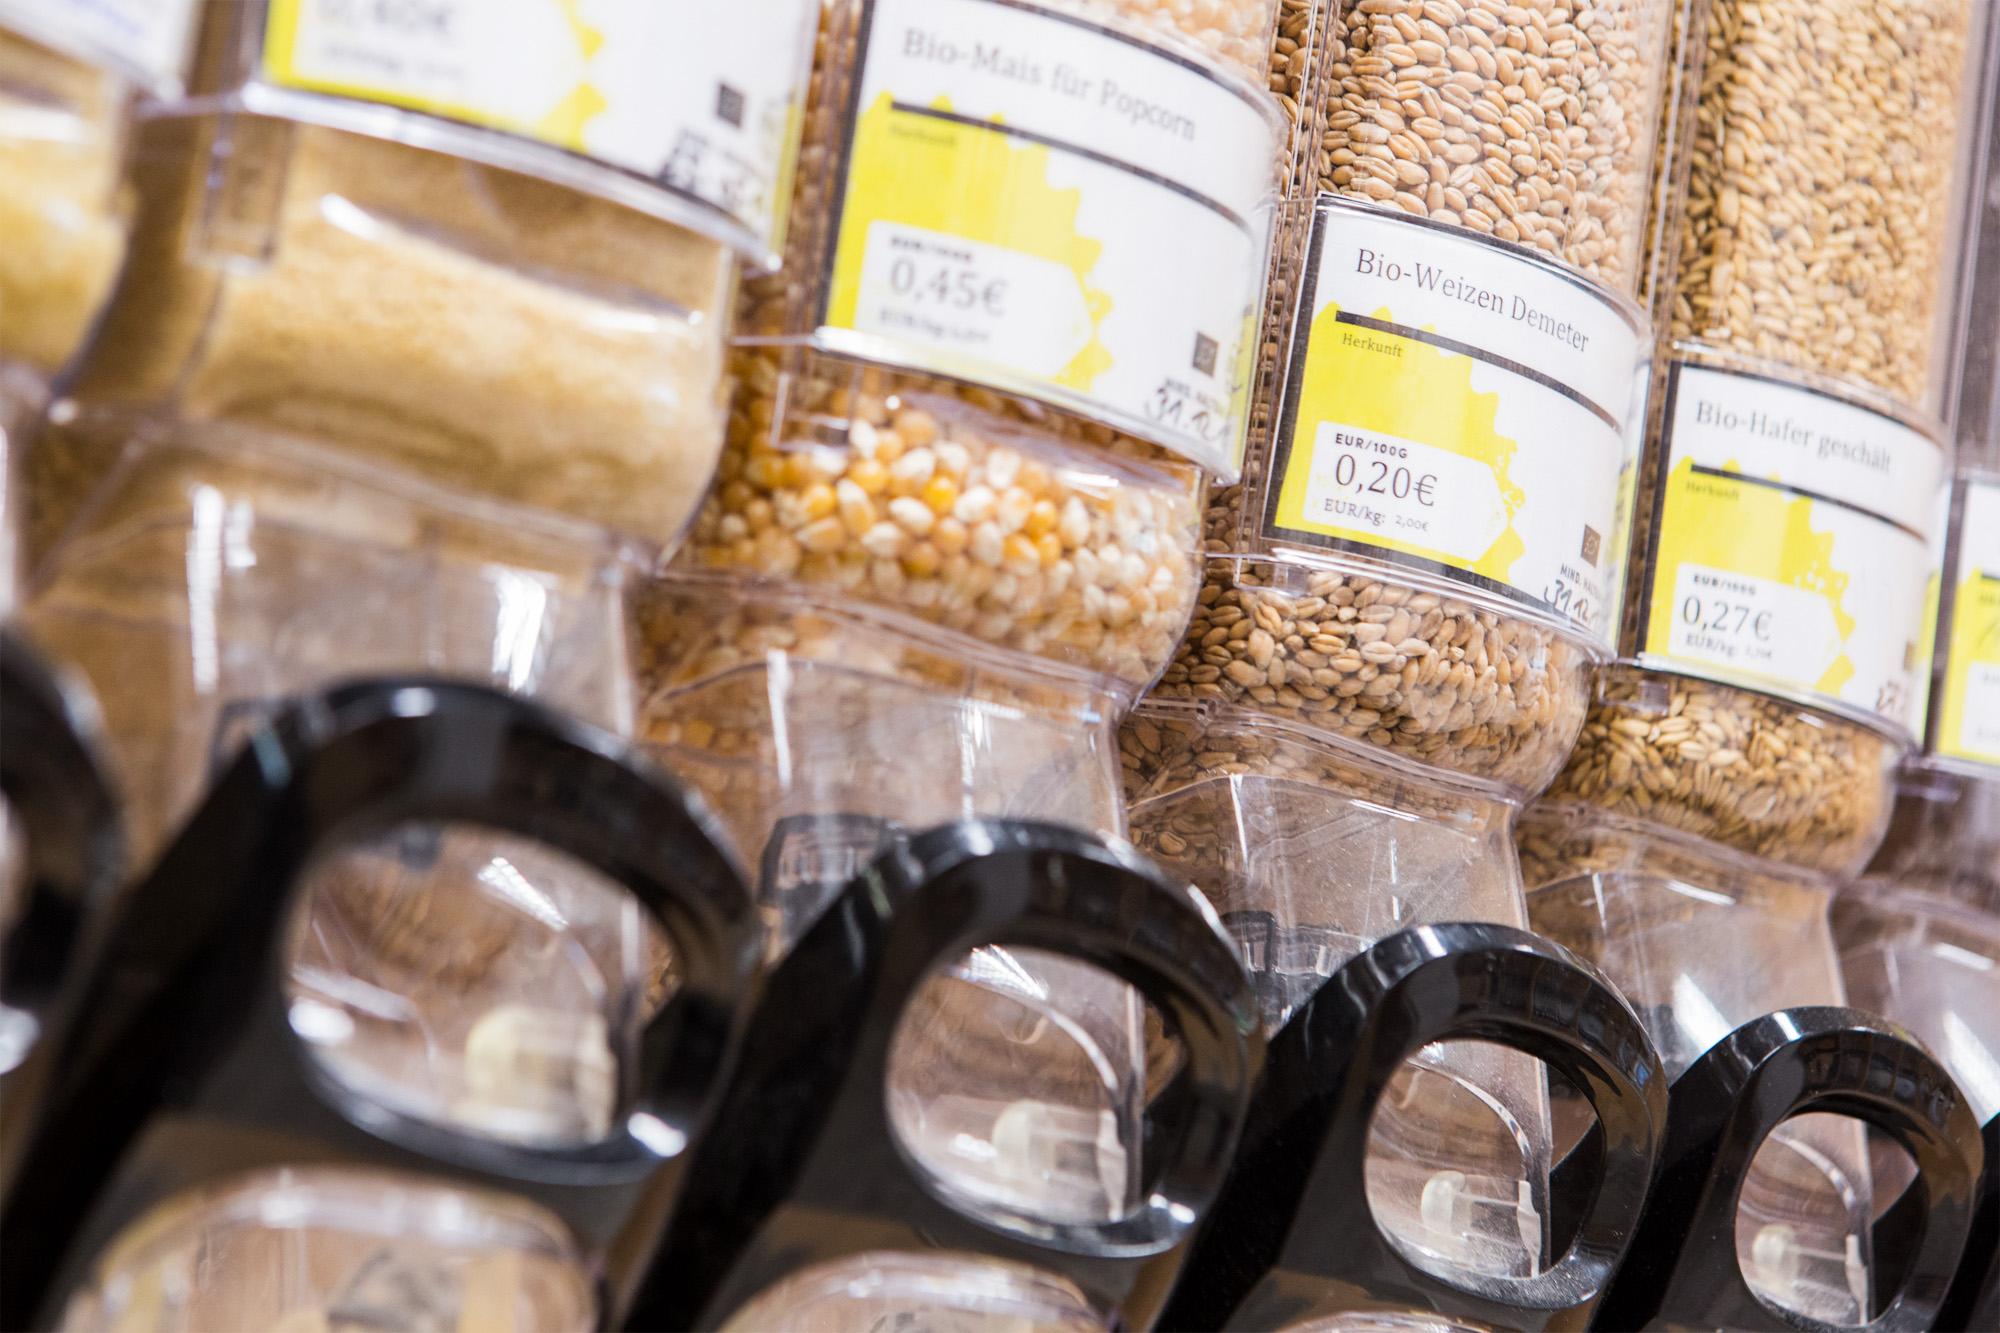 Unverpackt HL Display Bulk zum Abfüllen mit Demeter Mais